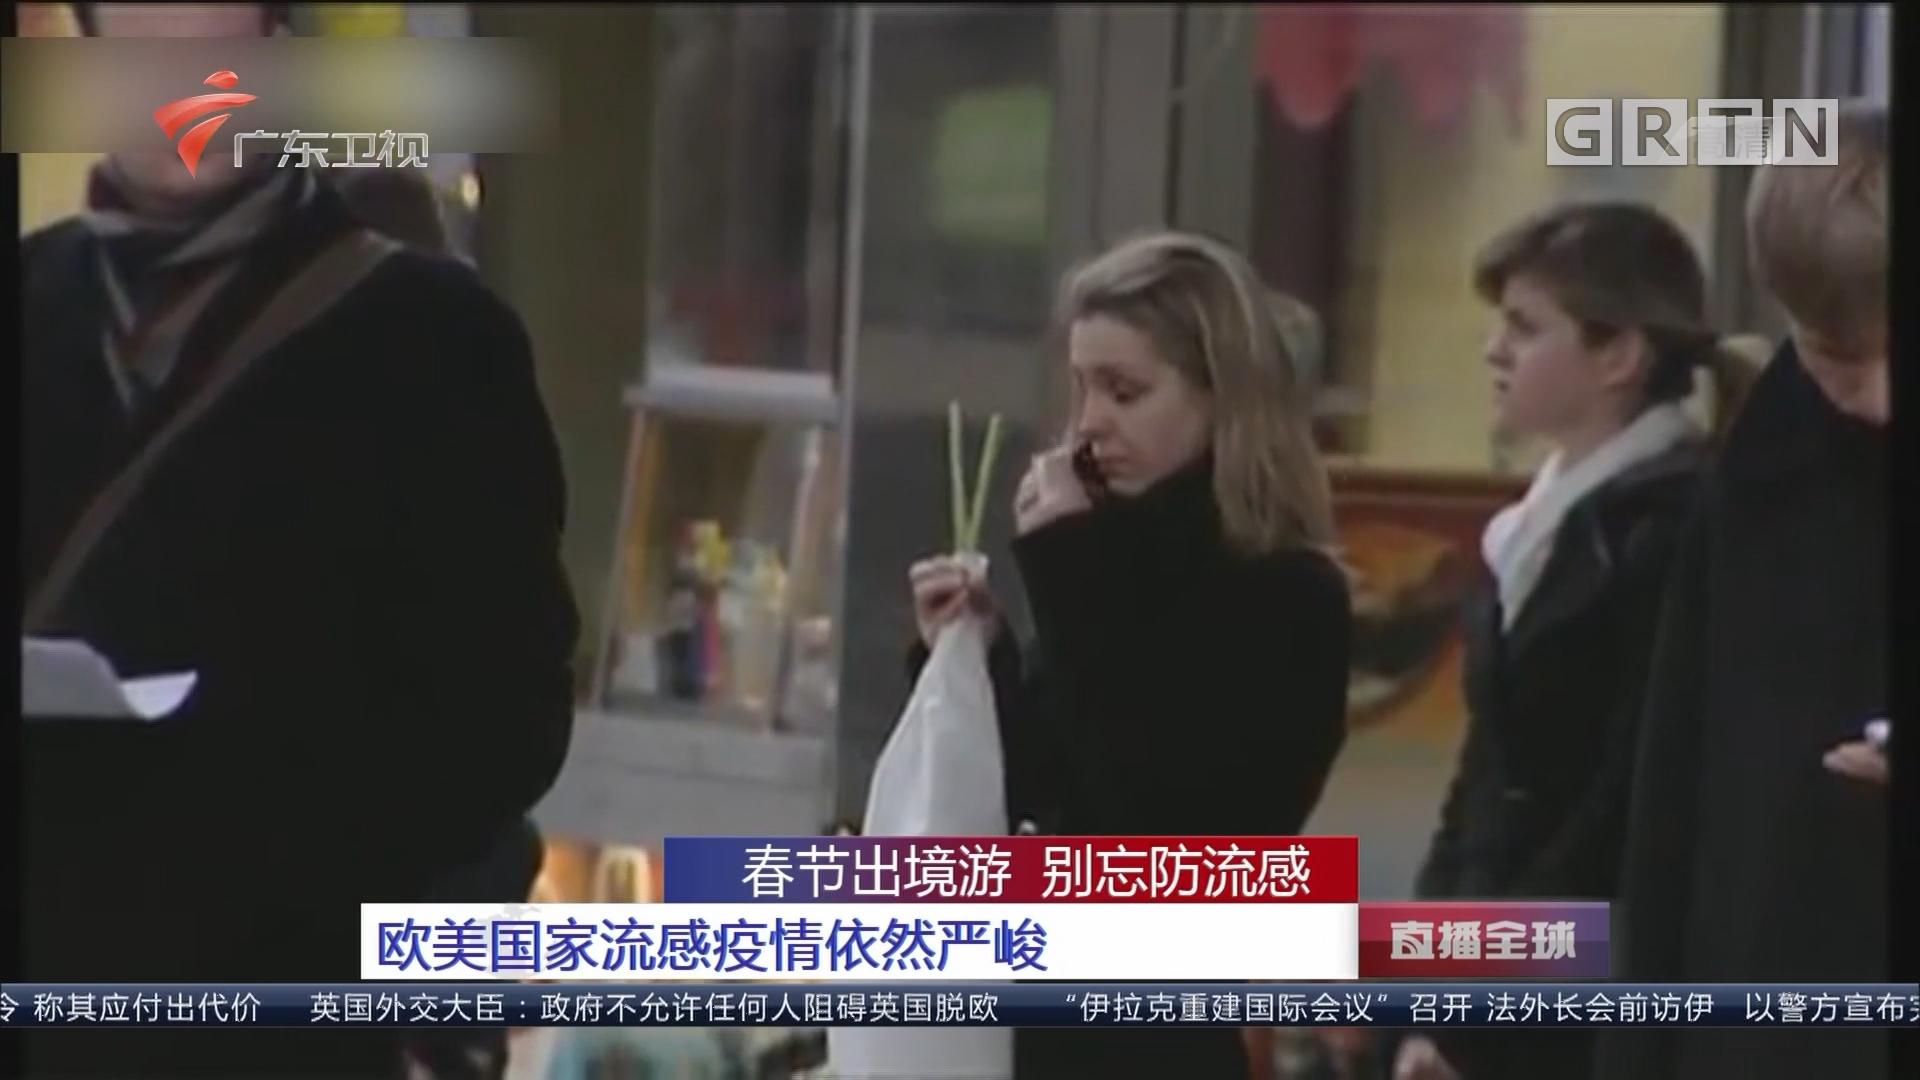 春节出境游 别忘防流感:欧美国家流感疫情依然严峻